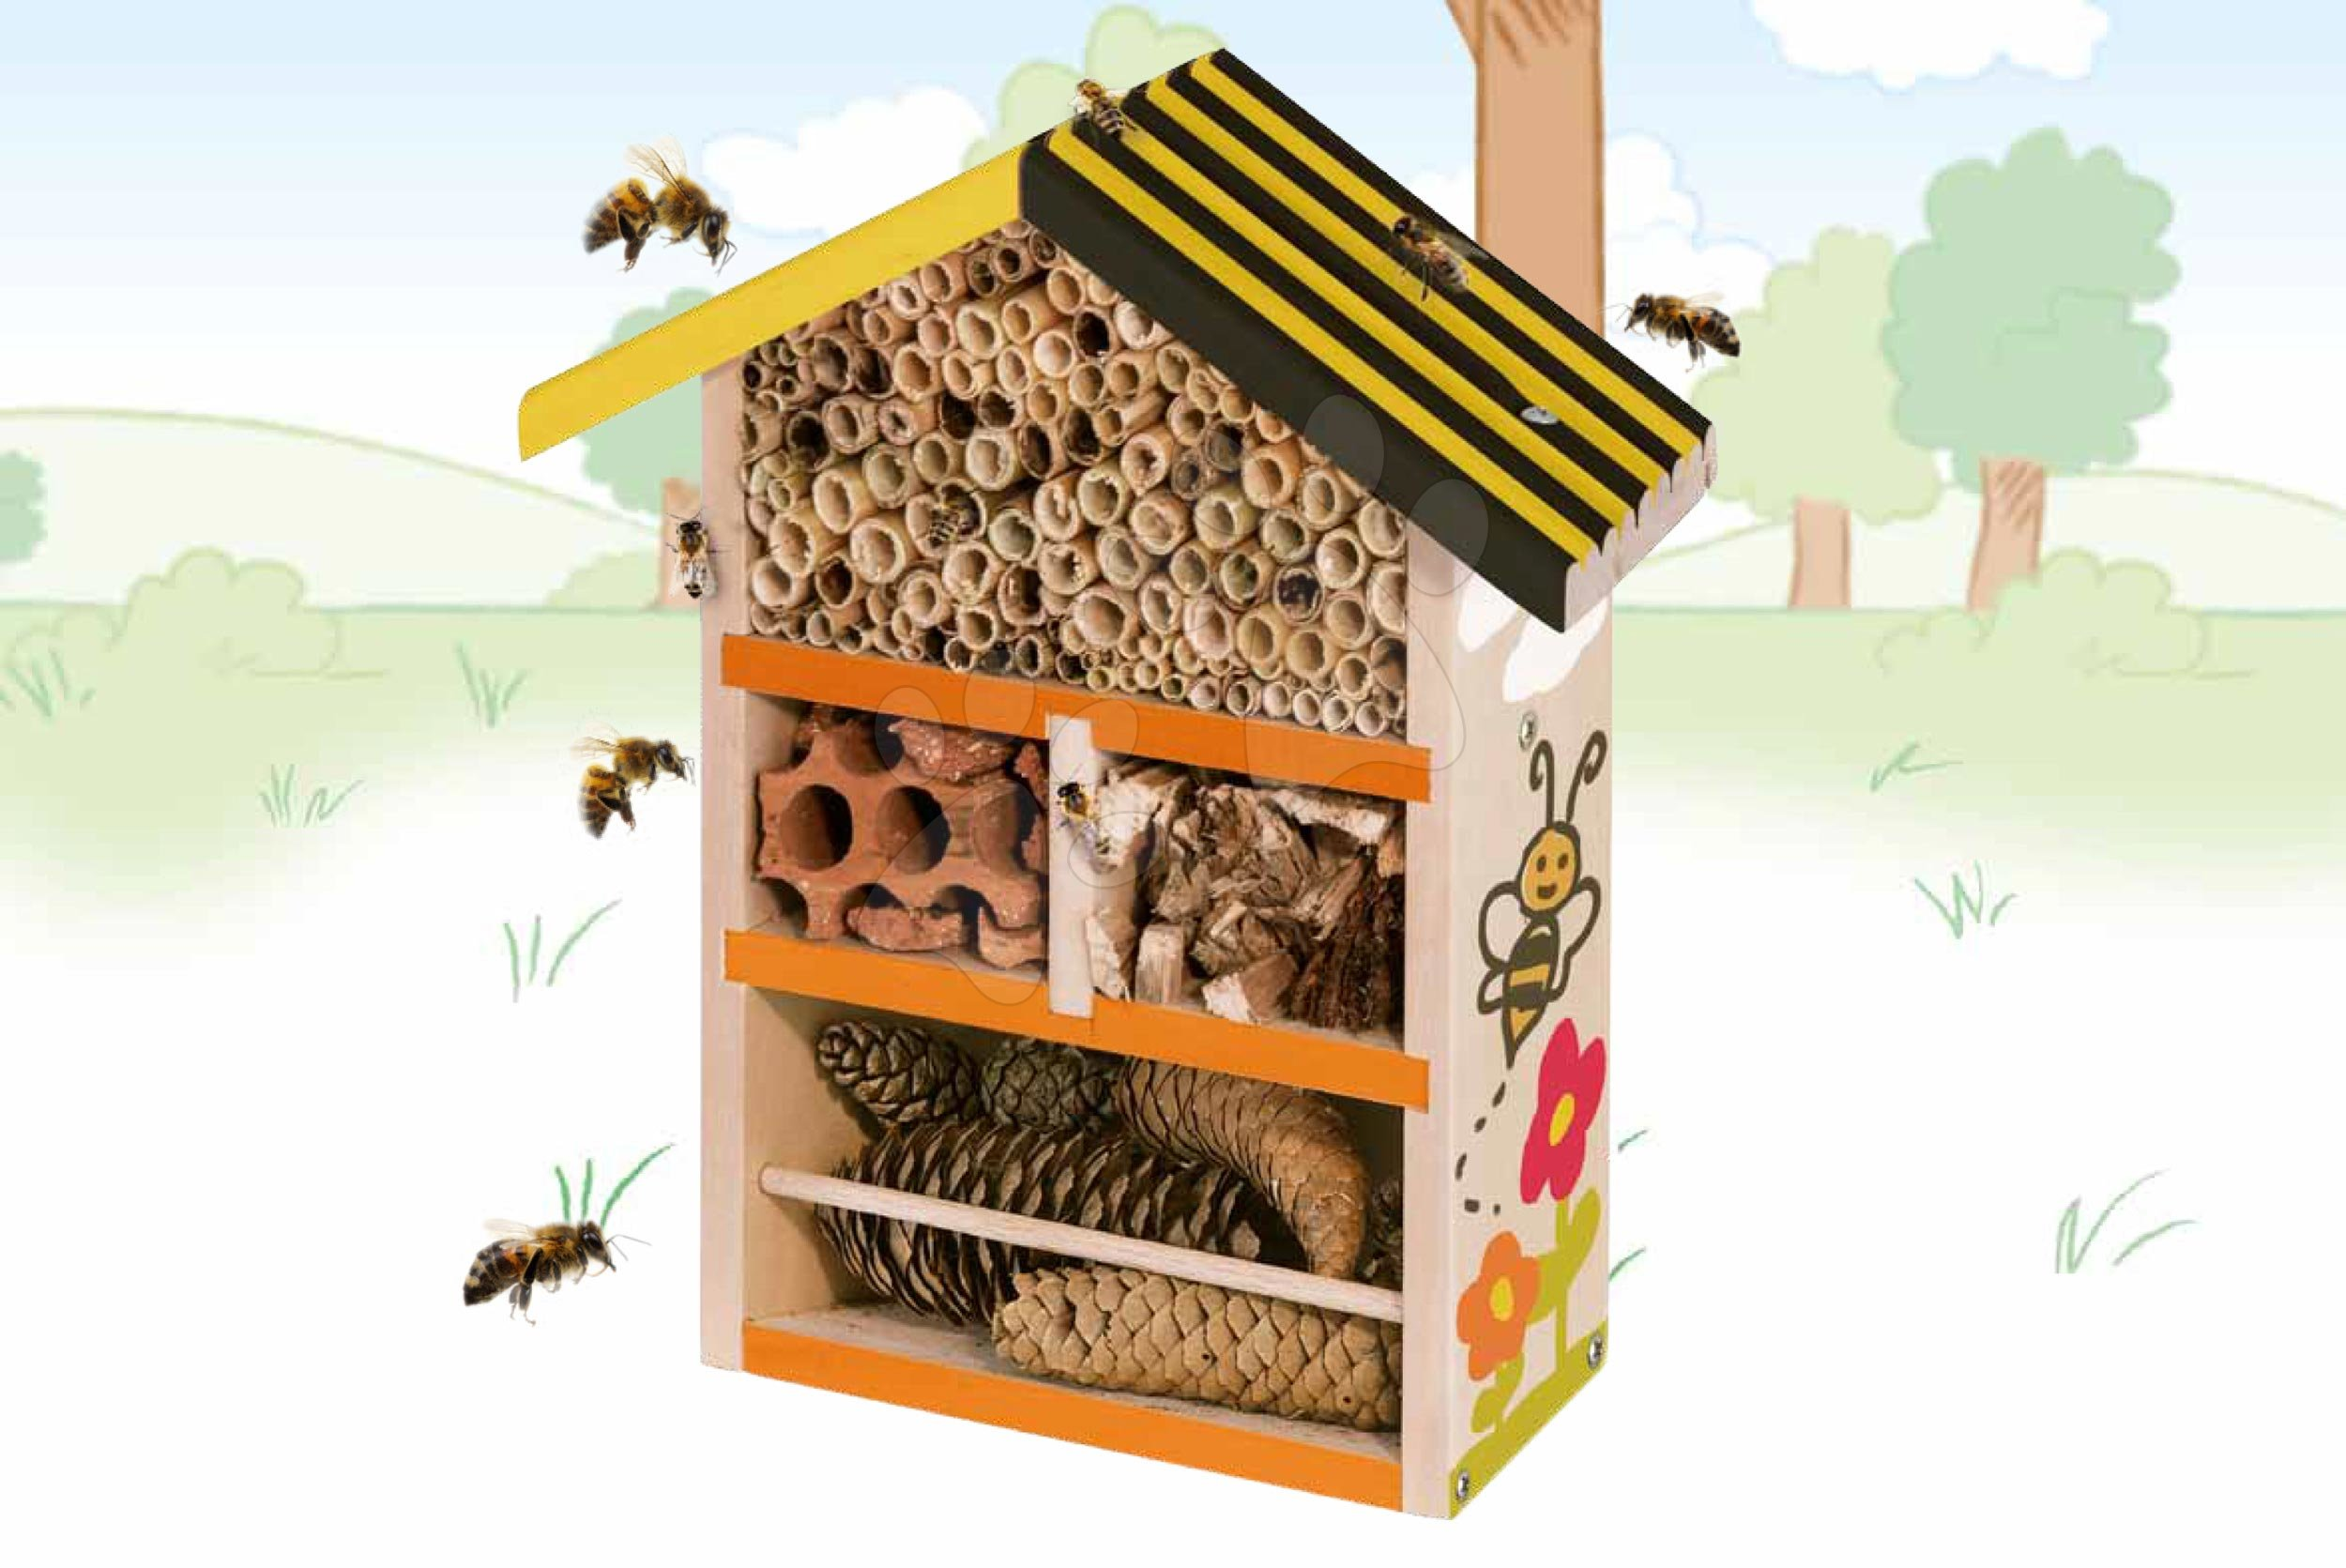 Drevený úľ pre včely Outdoor Bee House Eichhorn Poskladaj a vymaľuj - so štetcom a farbami od 6 rokov